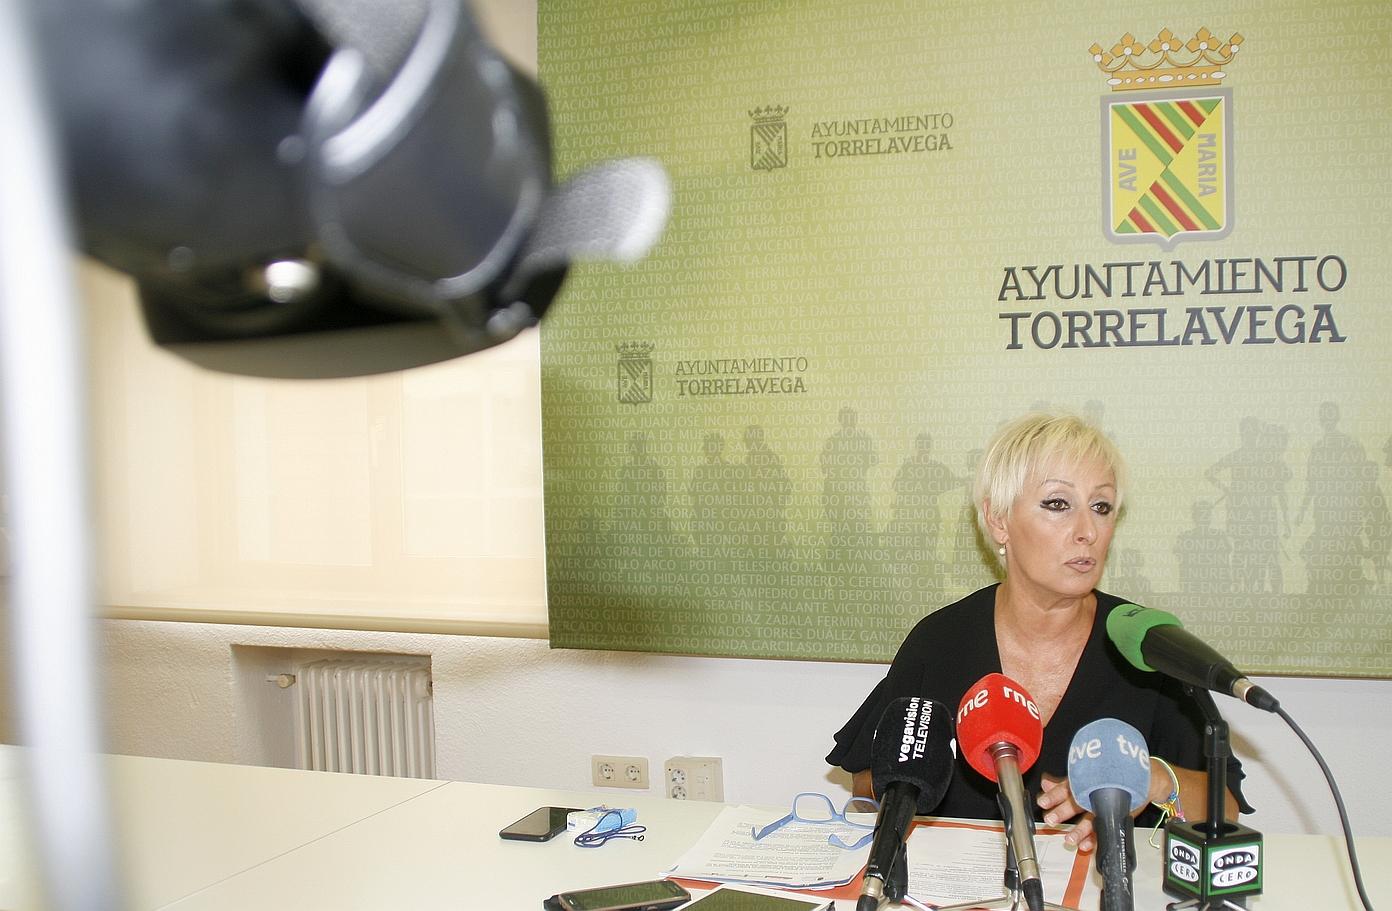 """Jezabel Tazón califica de """"excelentes"""" los resultados de la 4ª Lanzadera de Empleo de Torrelavega - (C) Foto: ESTORRELAVEGA"""